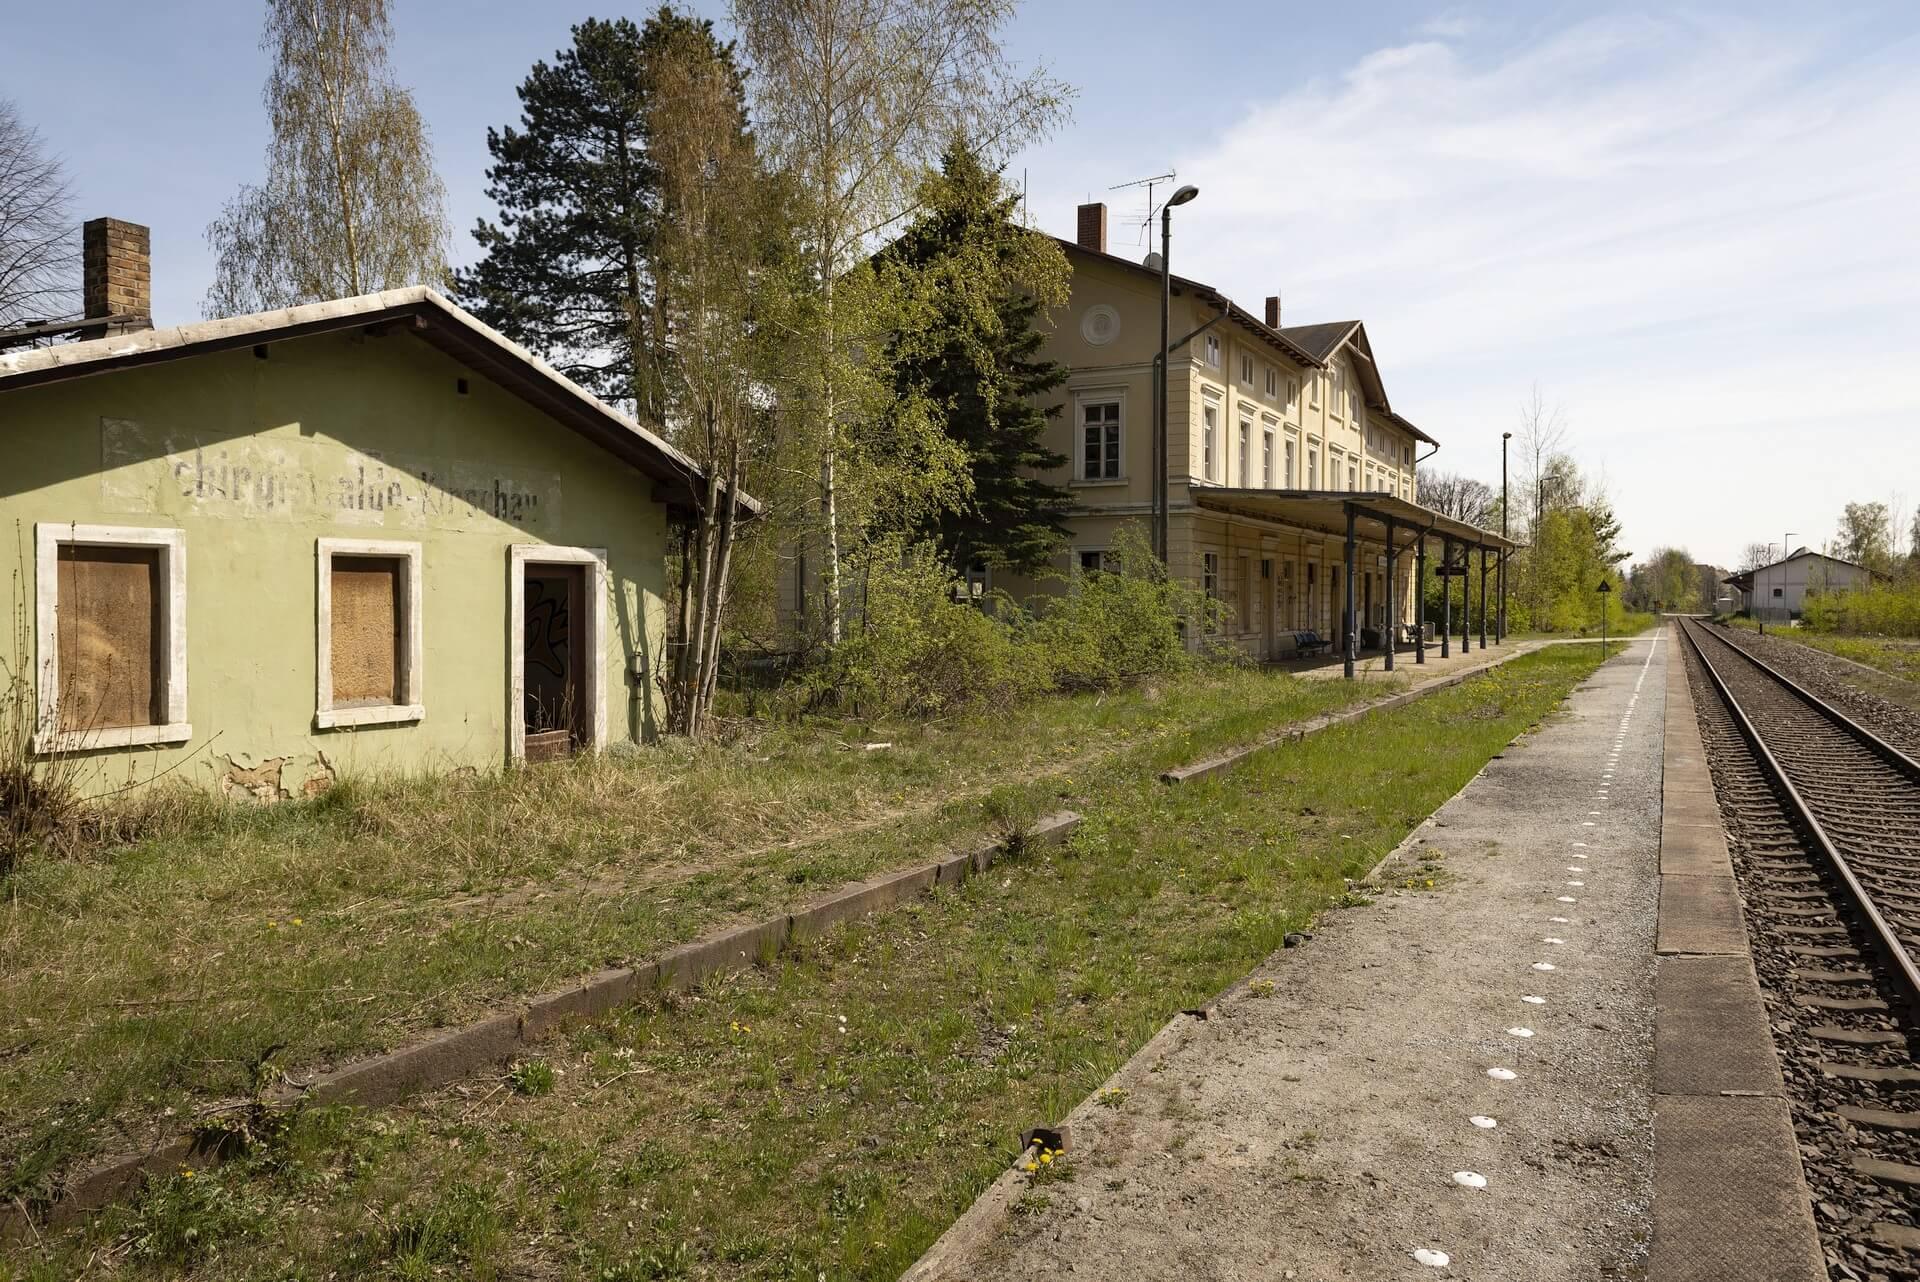 Bahnhof Schirgiswalde-Kirschau